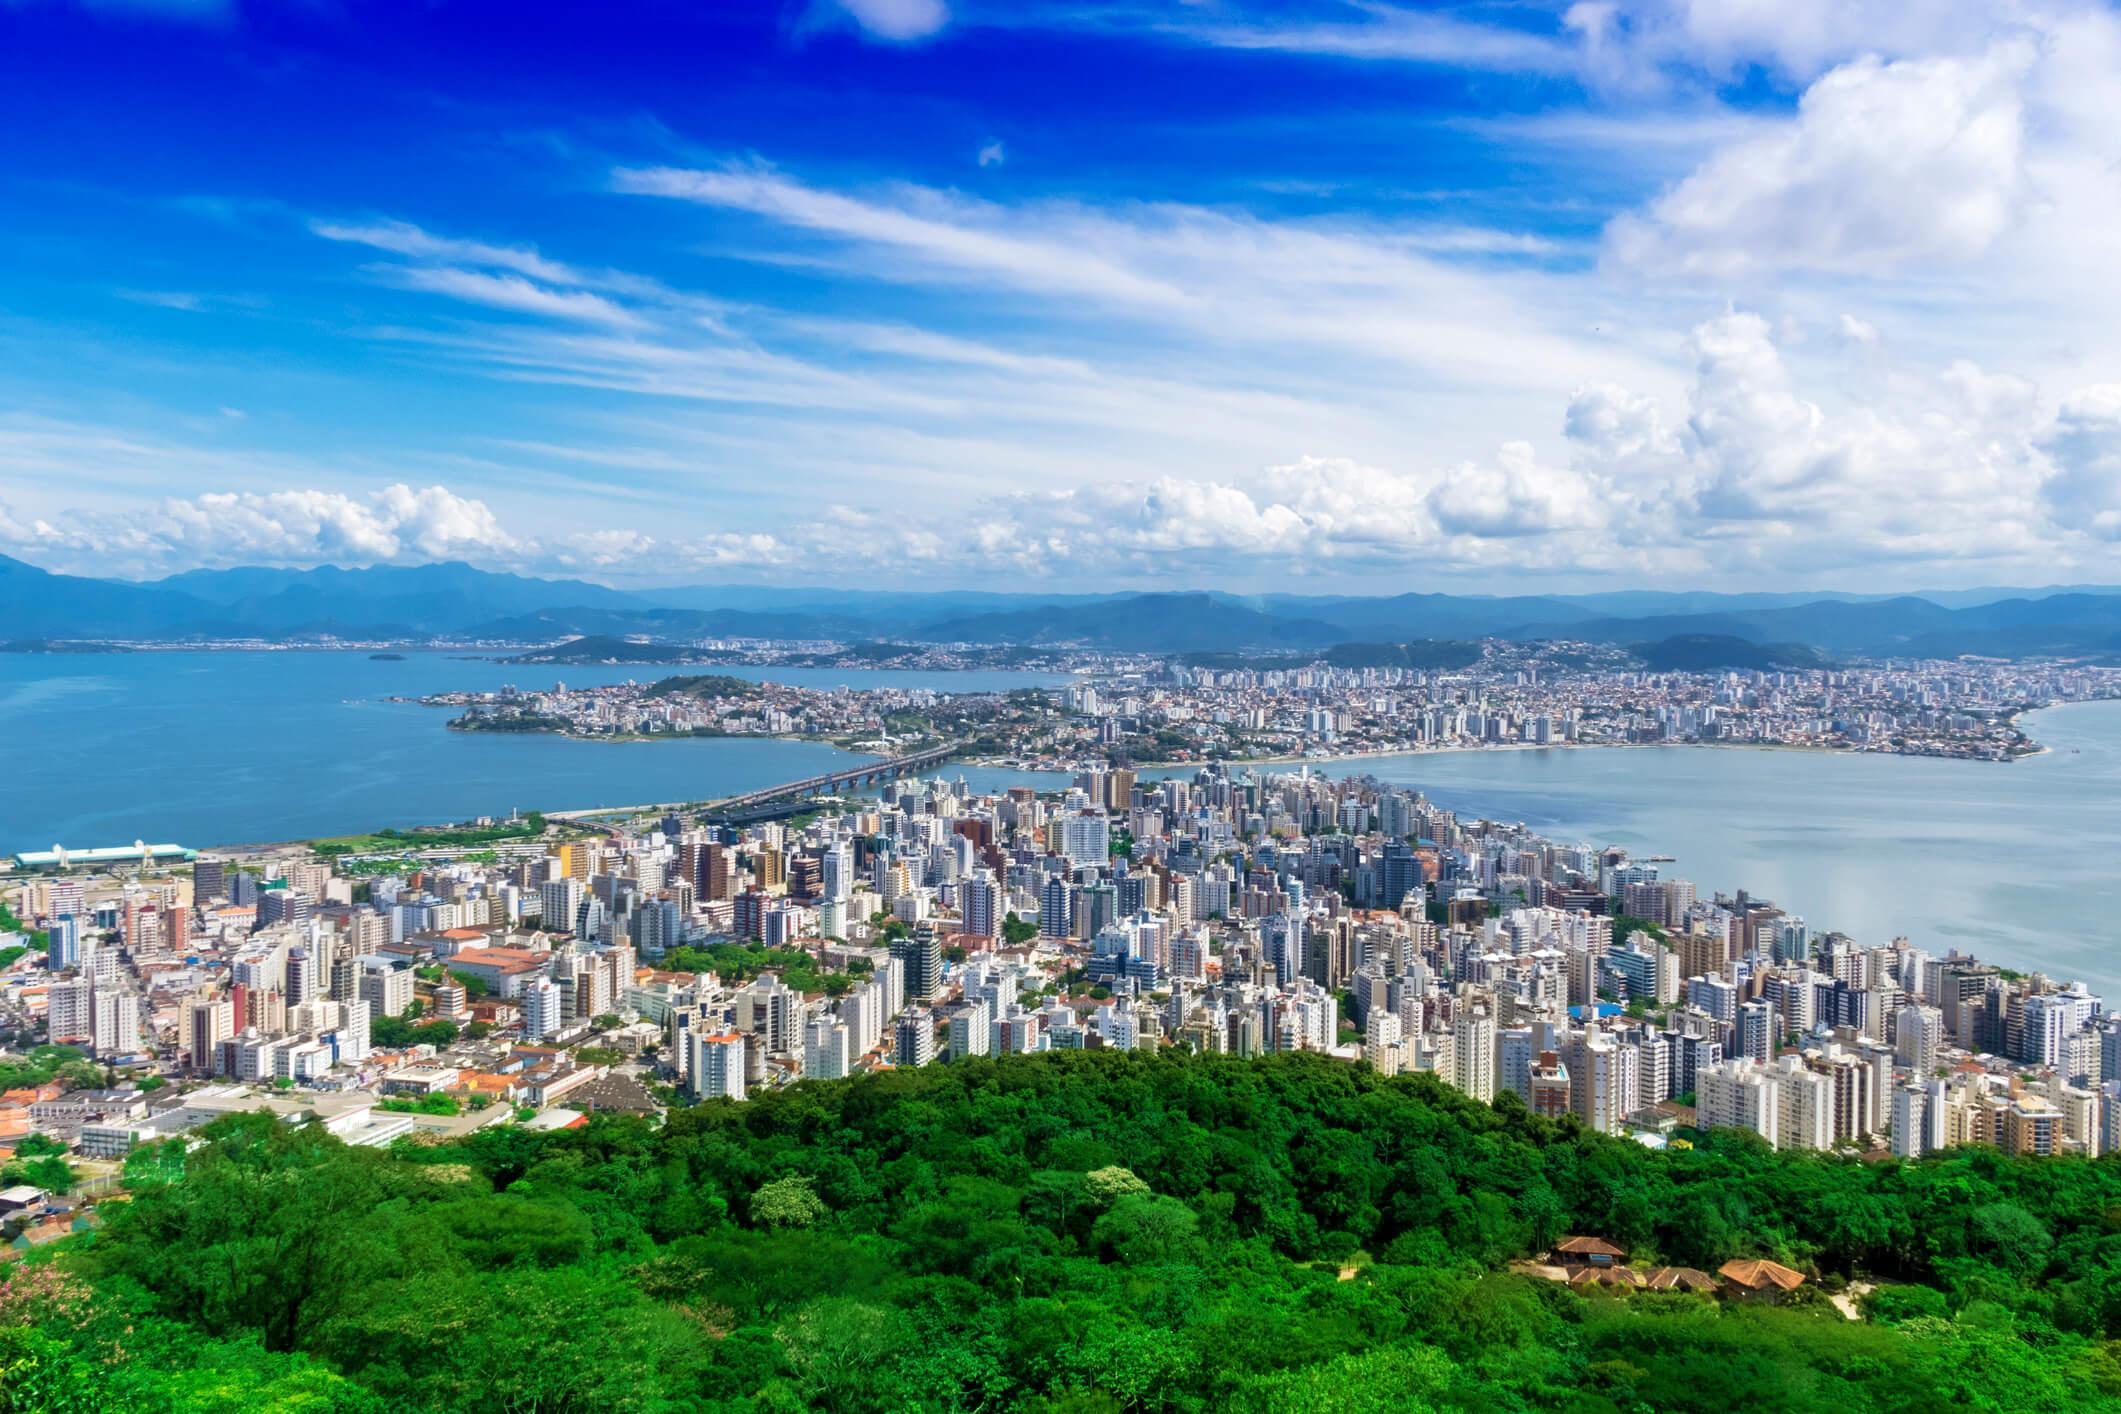 Falta de infraestrutura compromete o turismo em Florianópolis